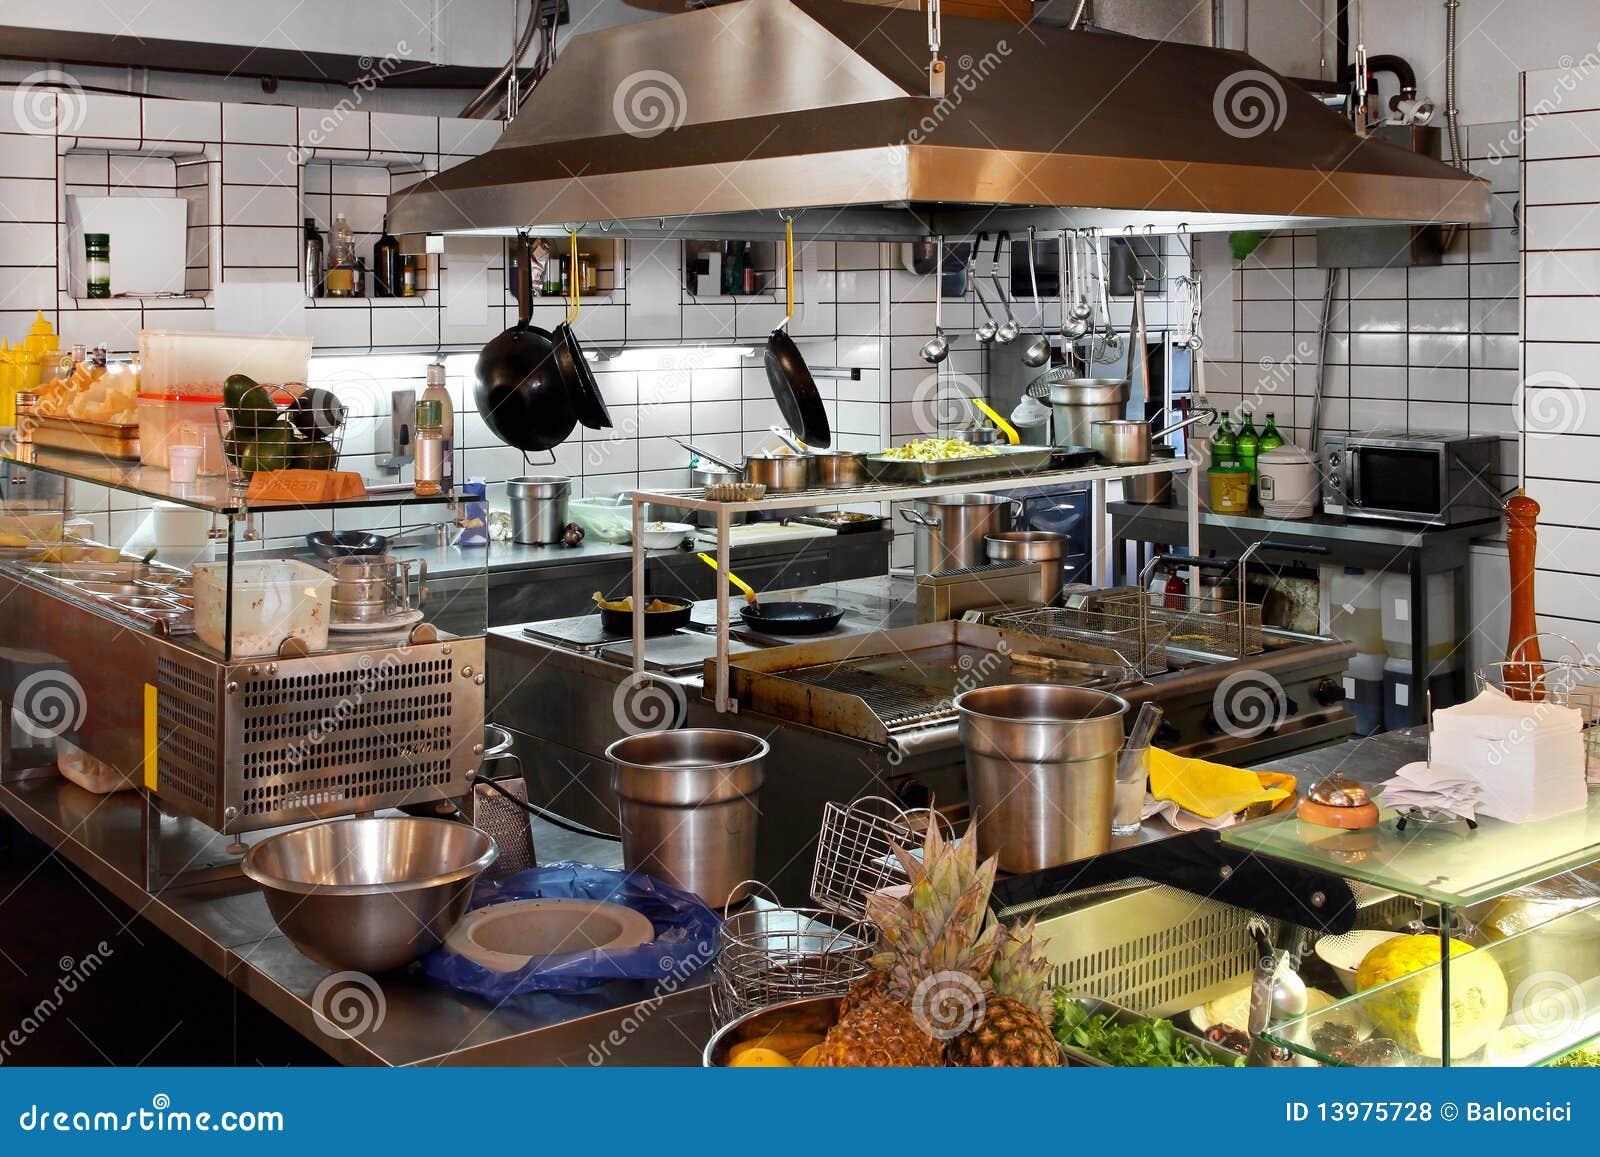 Cuisine de restaurant photos libres de droits image for Achat cuisine professionnelle